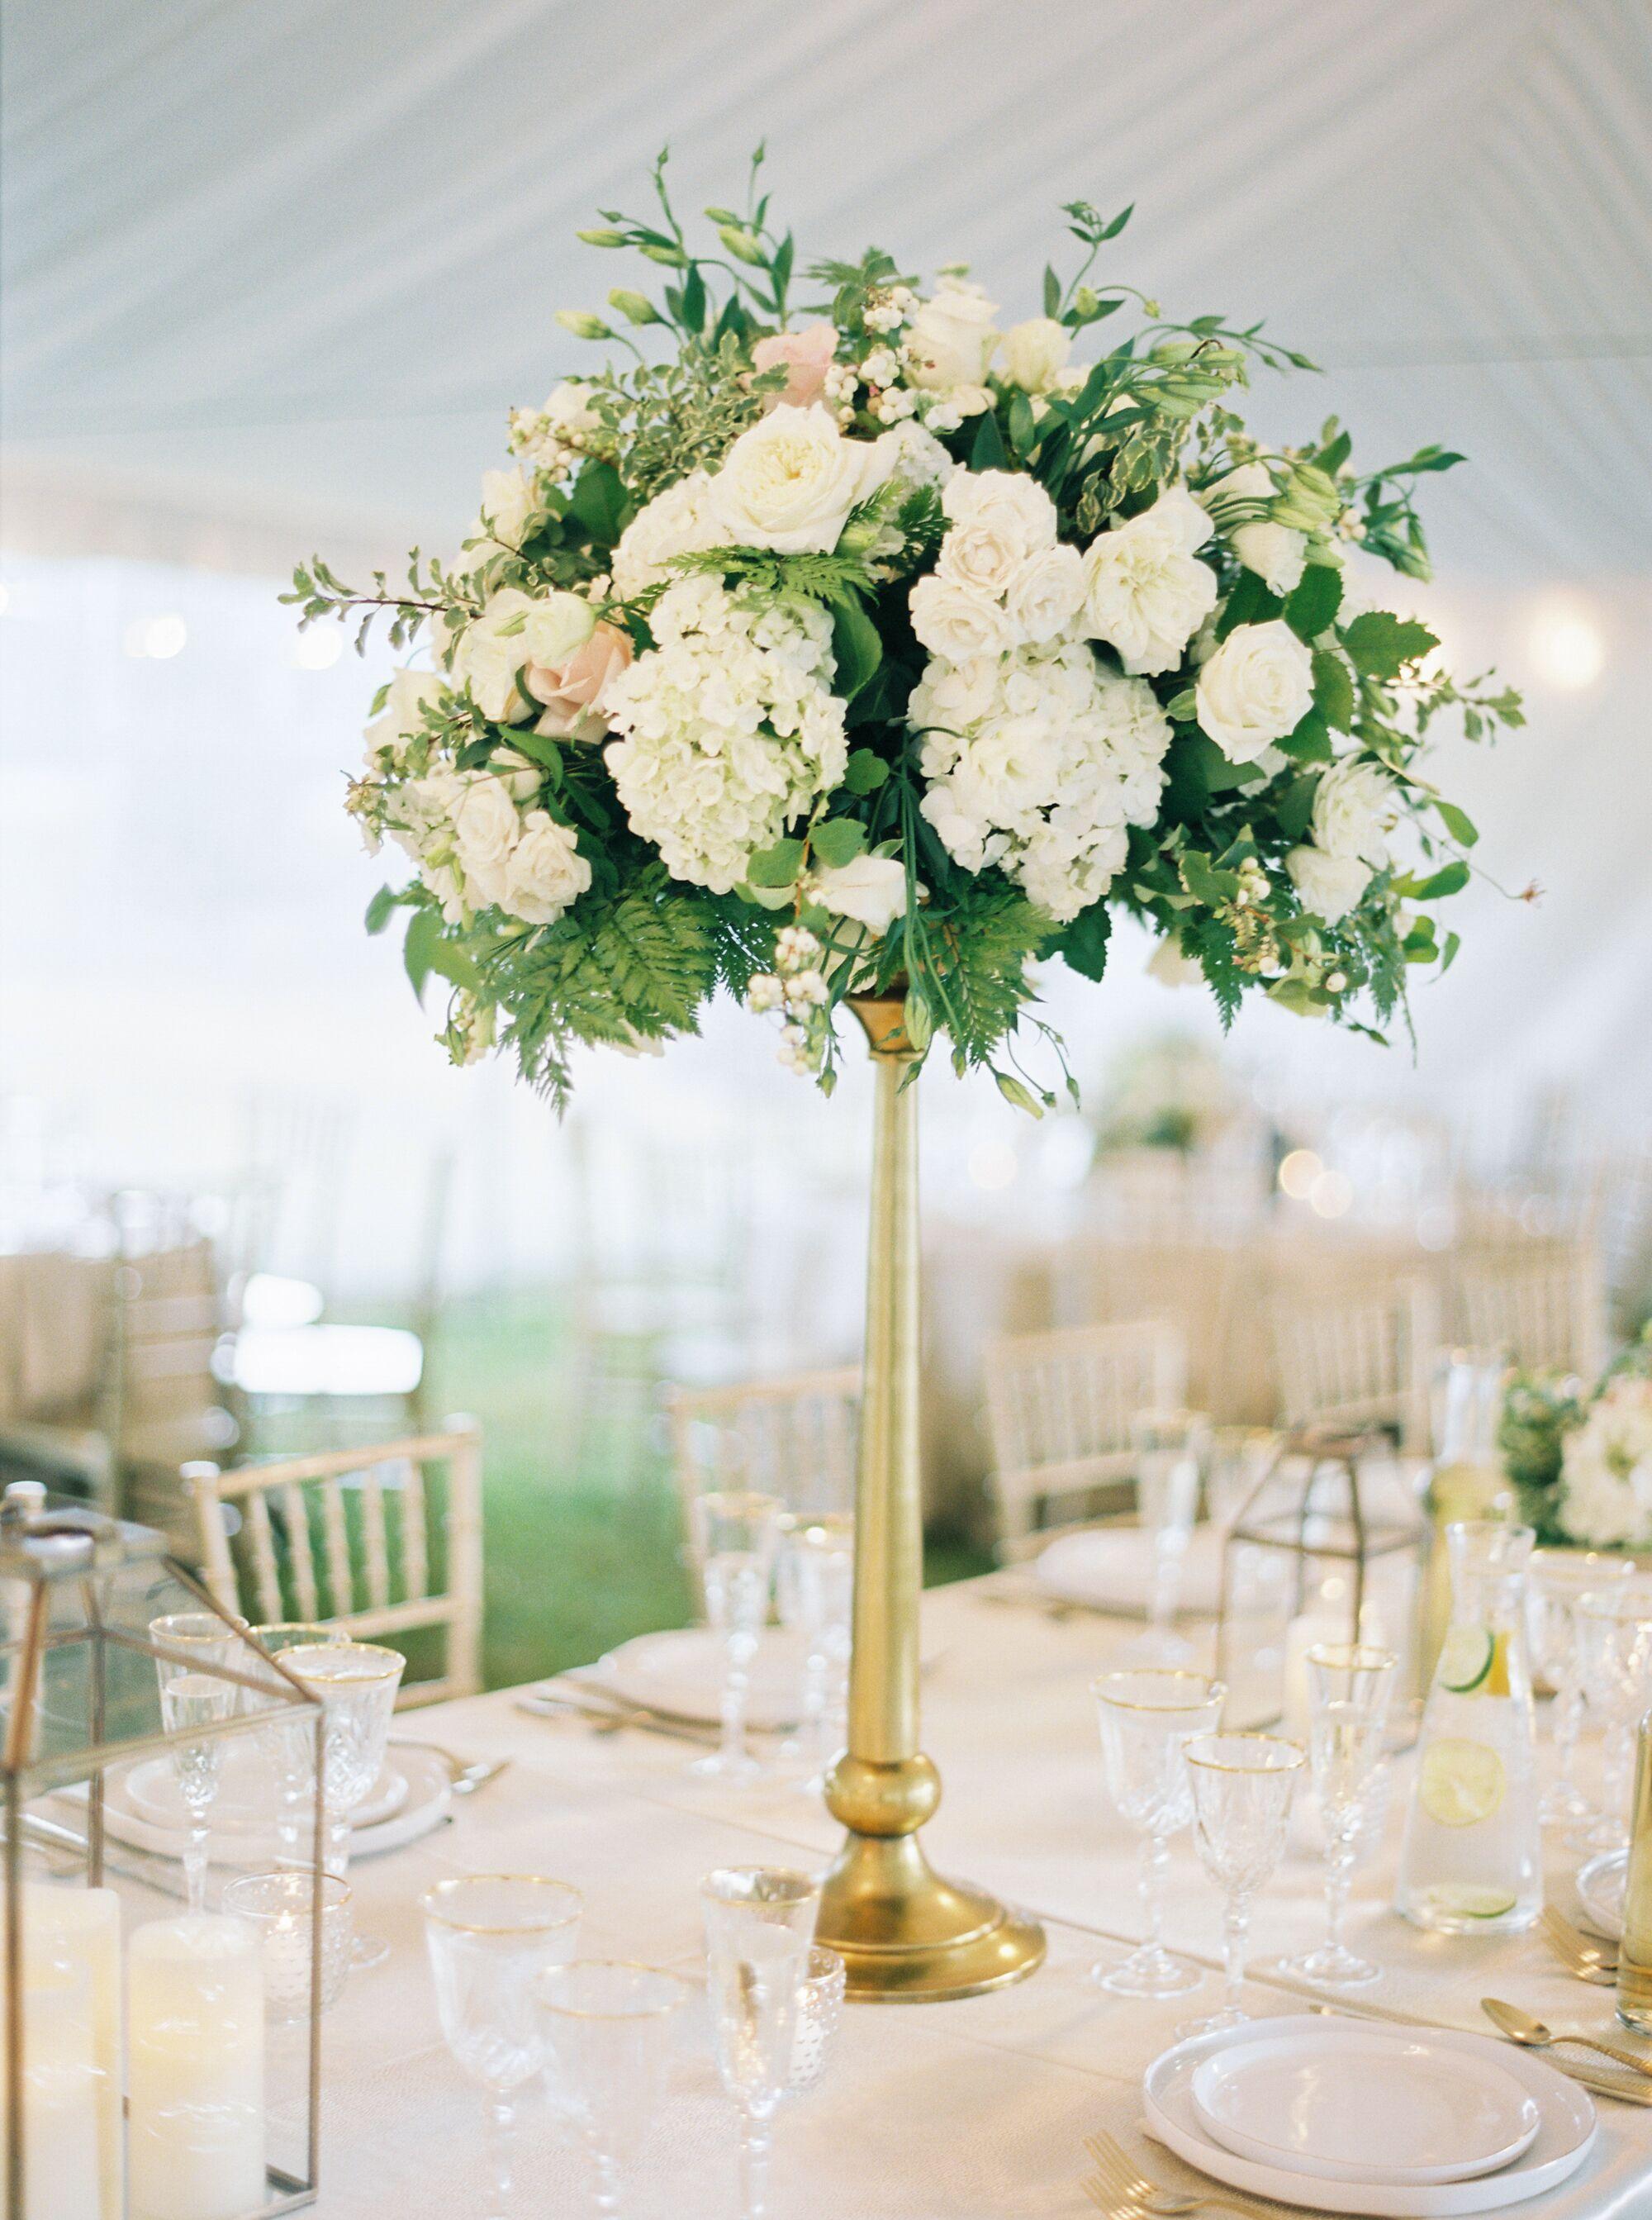 Tall White Wedding Centerpiece 2 - Elizabeth Anne Designs ... |Tall Green Centerpiece